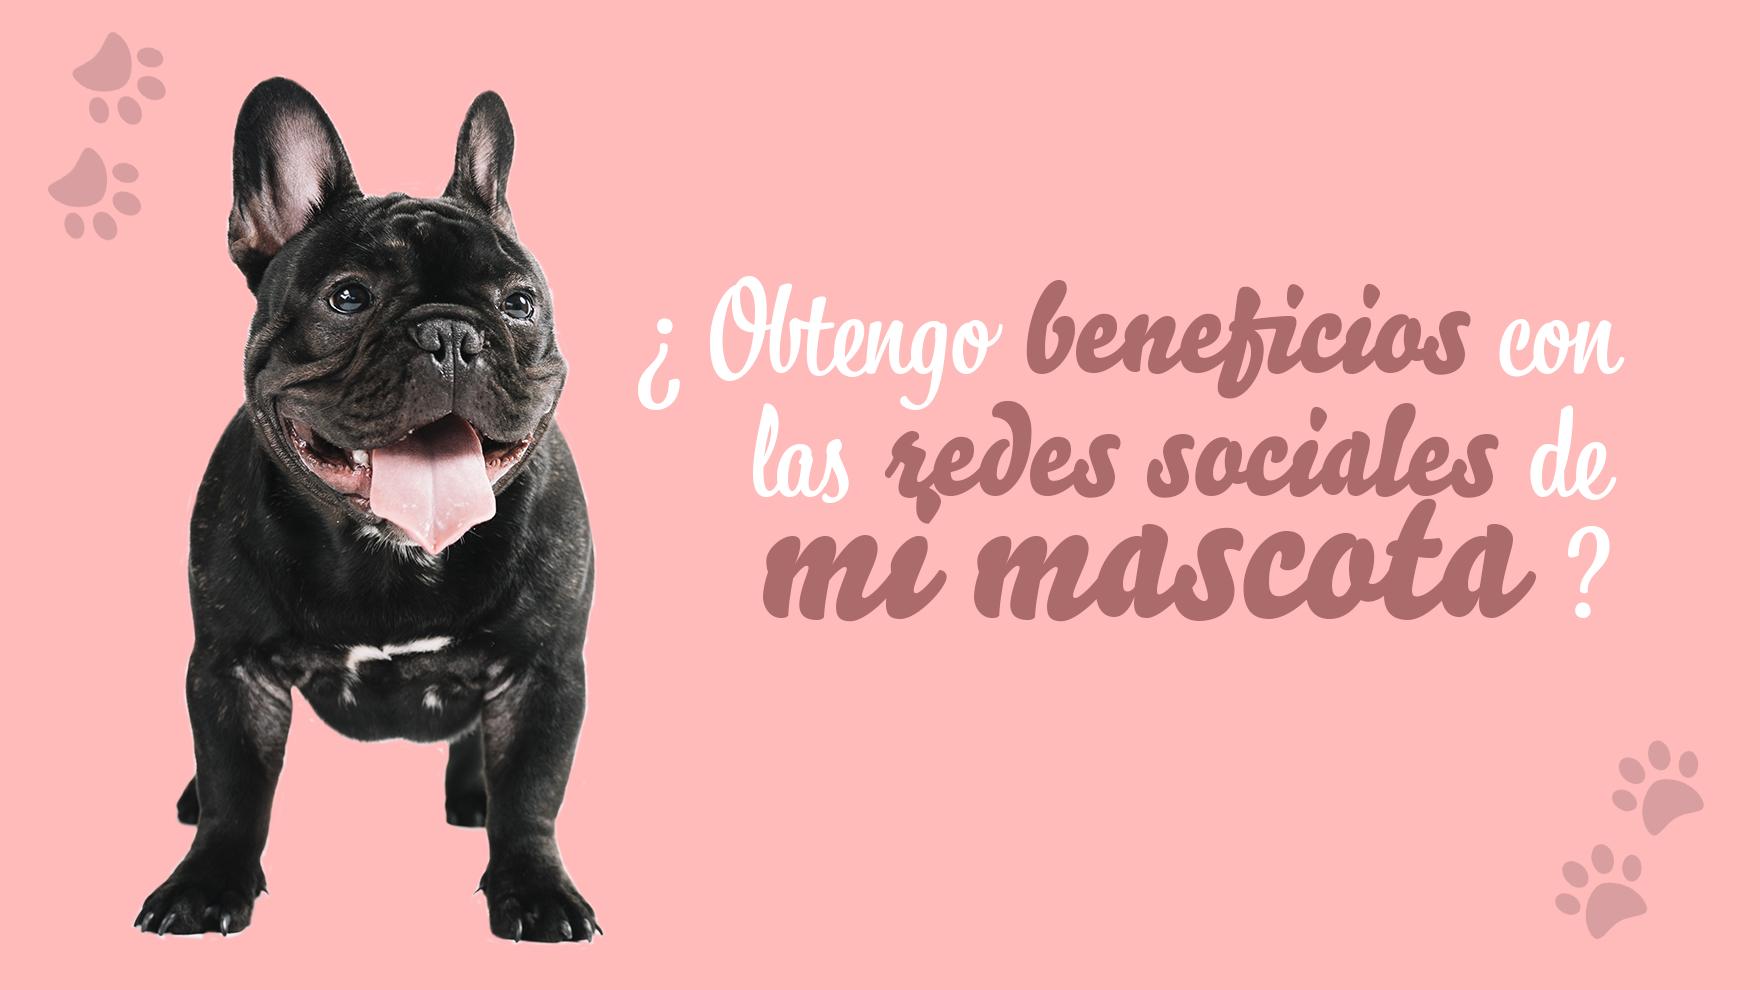 ¿Obtengo beneficios con las redes sociales de mi mascota?